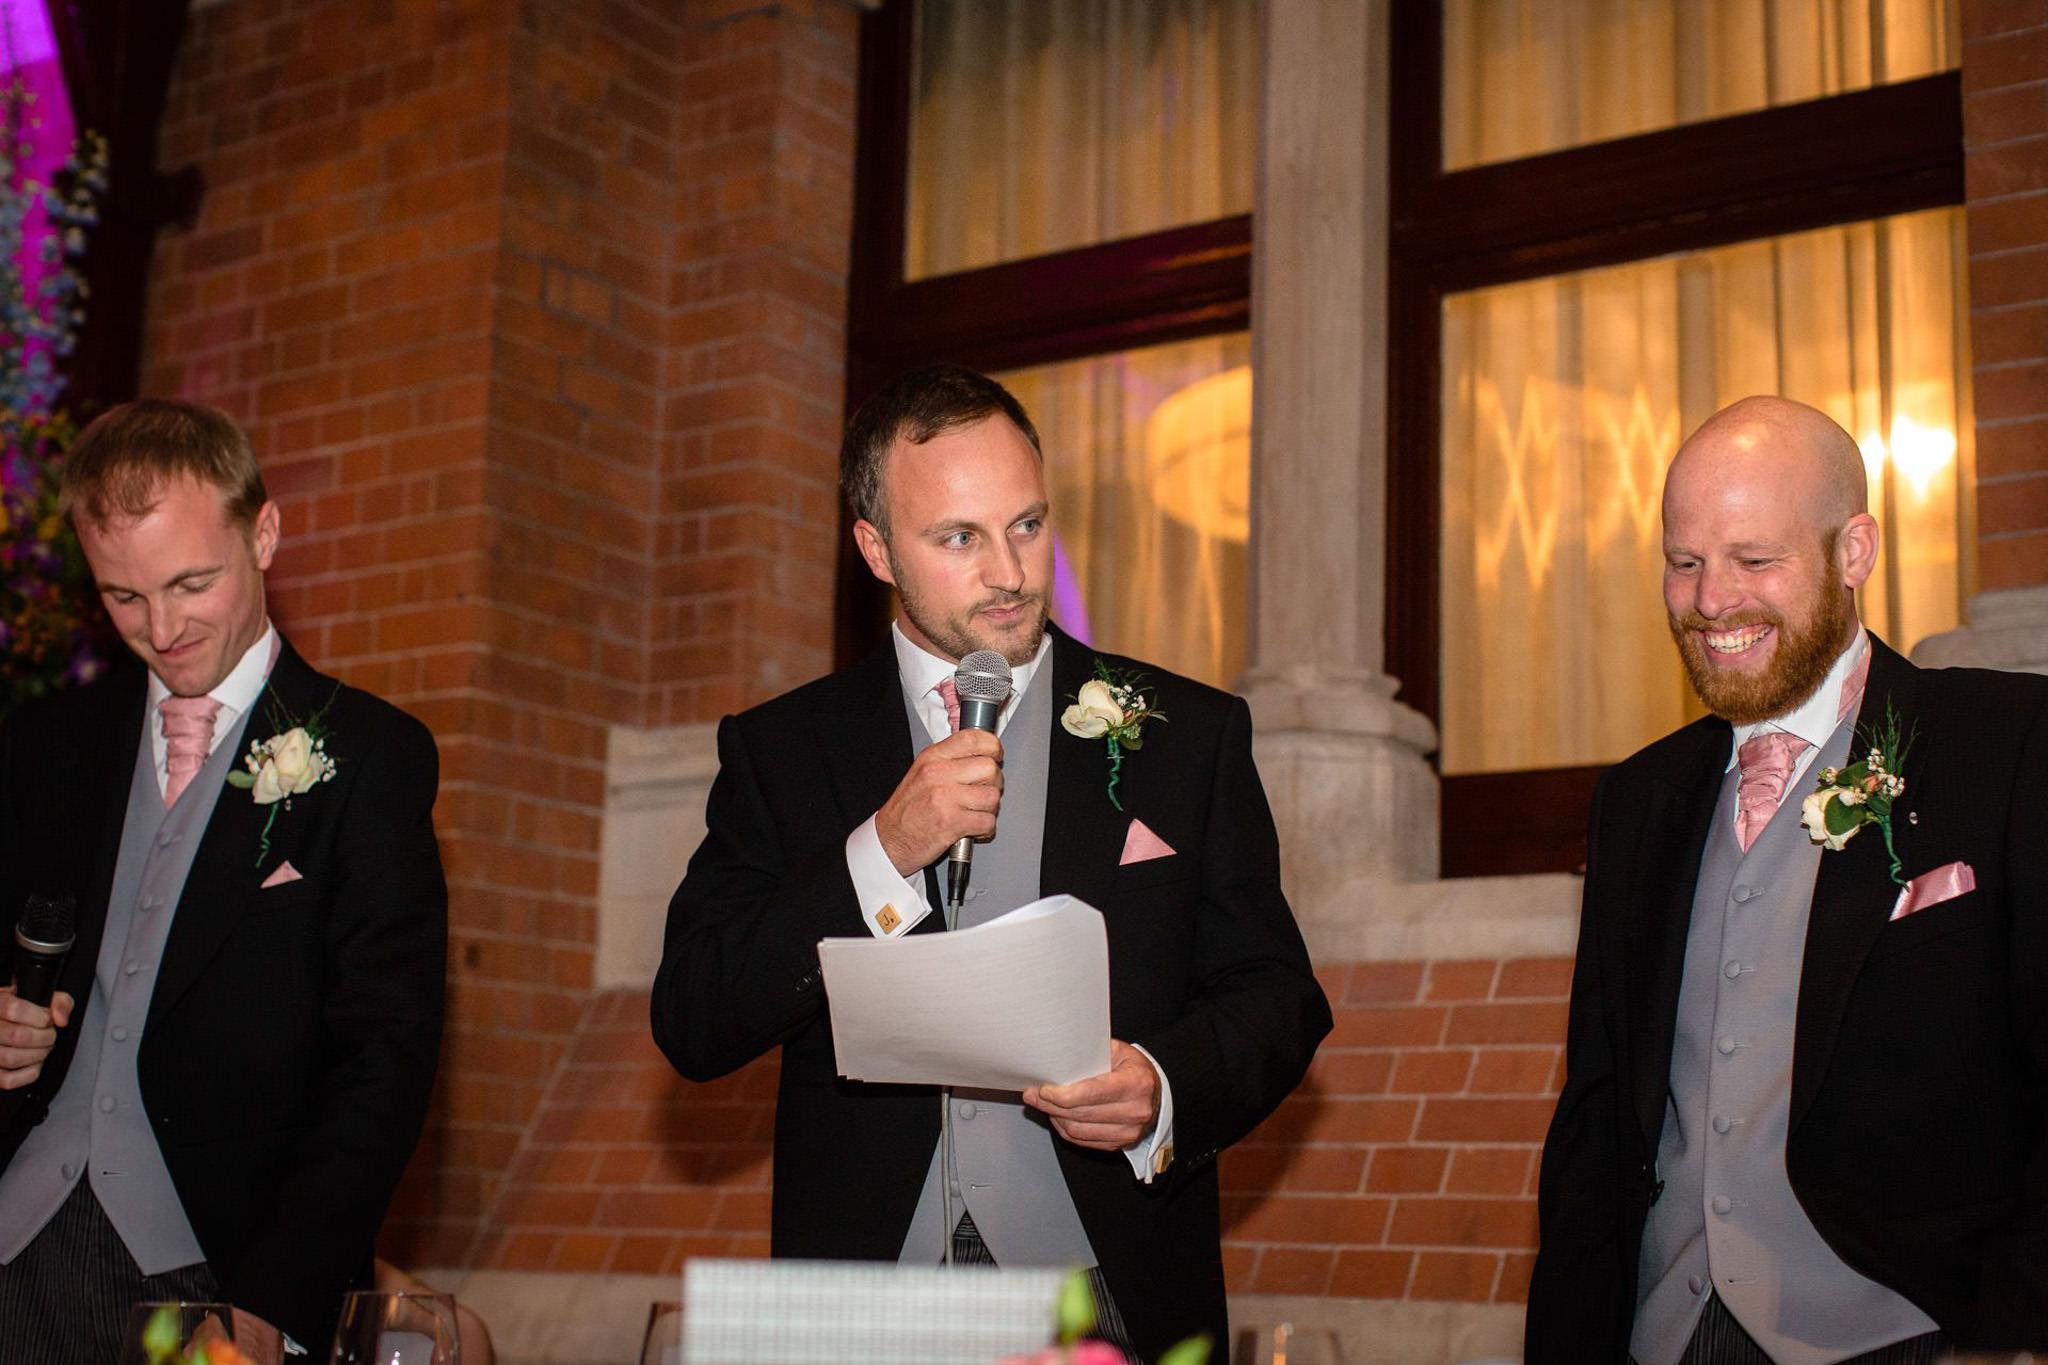 St. Pancras hotel wedding best man speech